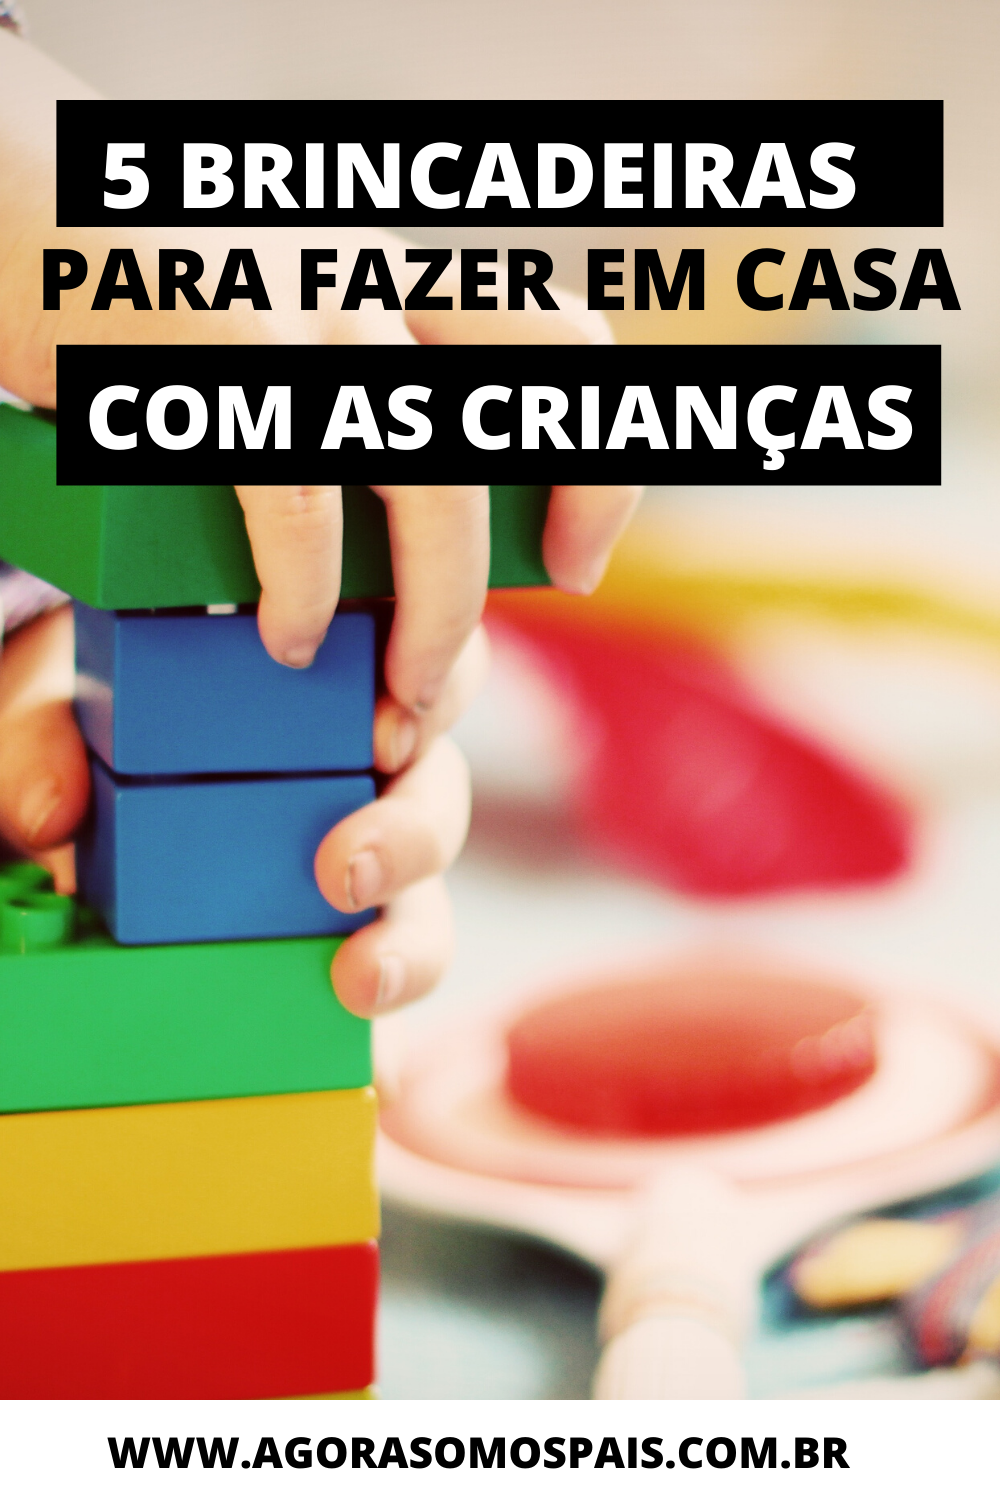 5 BRINCADEIRAS PARA FAZER EM CASA COM AS CRIANÇAS